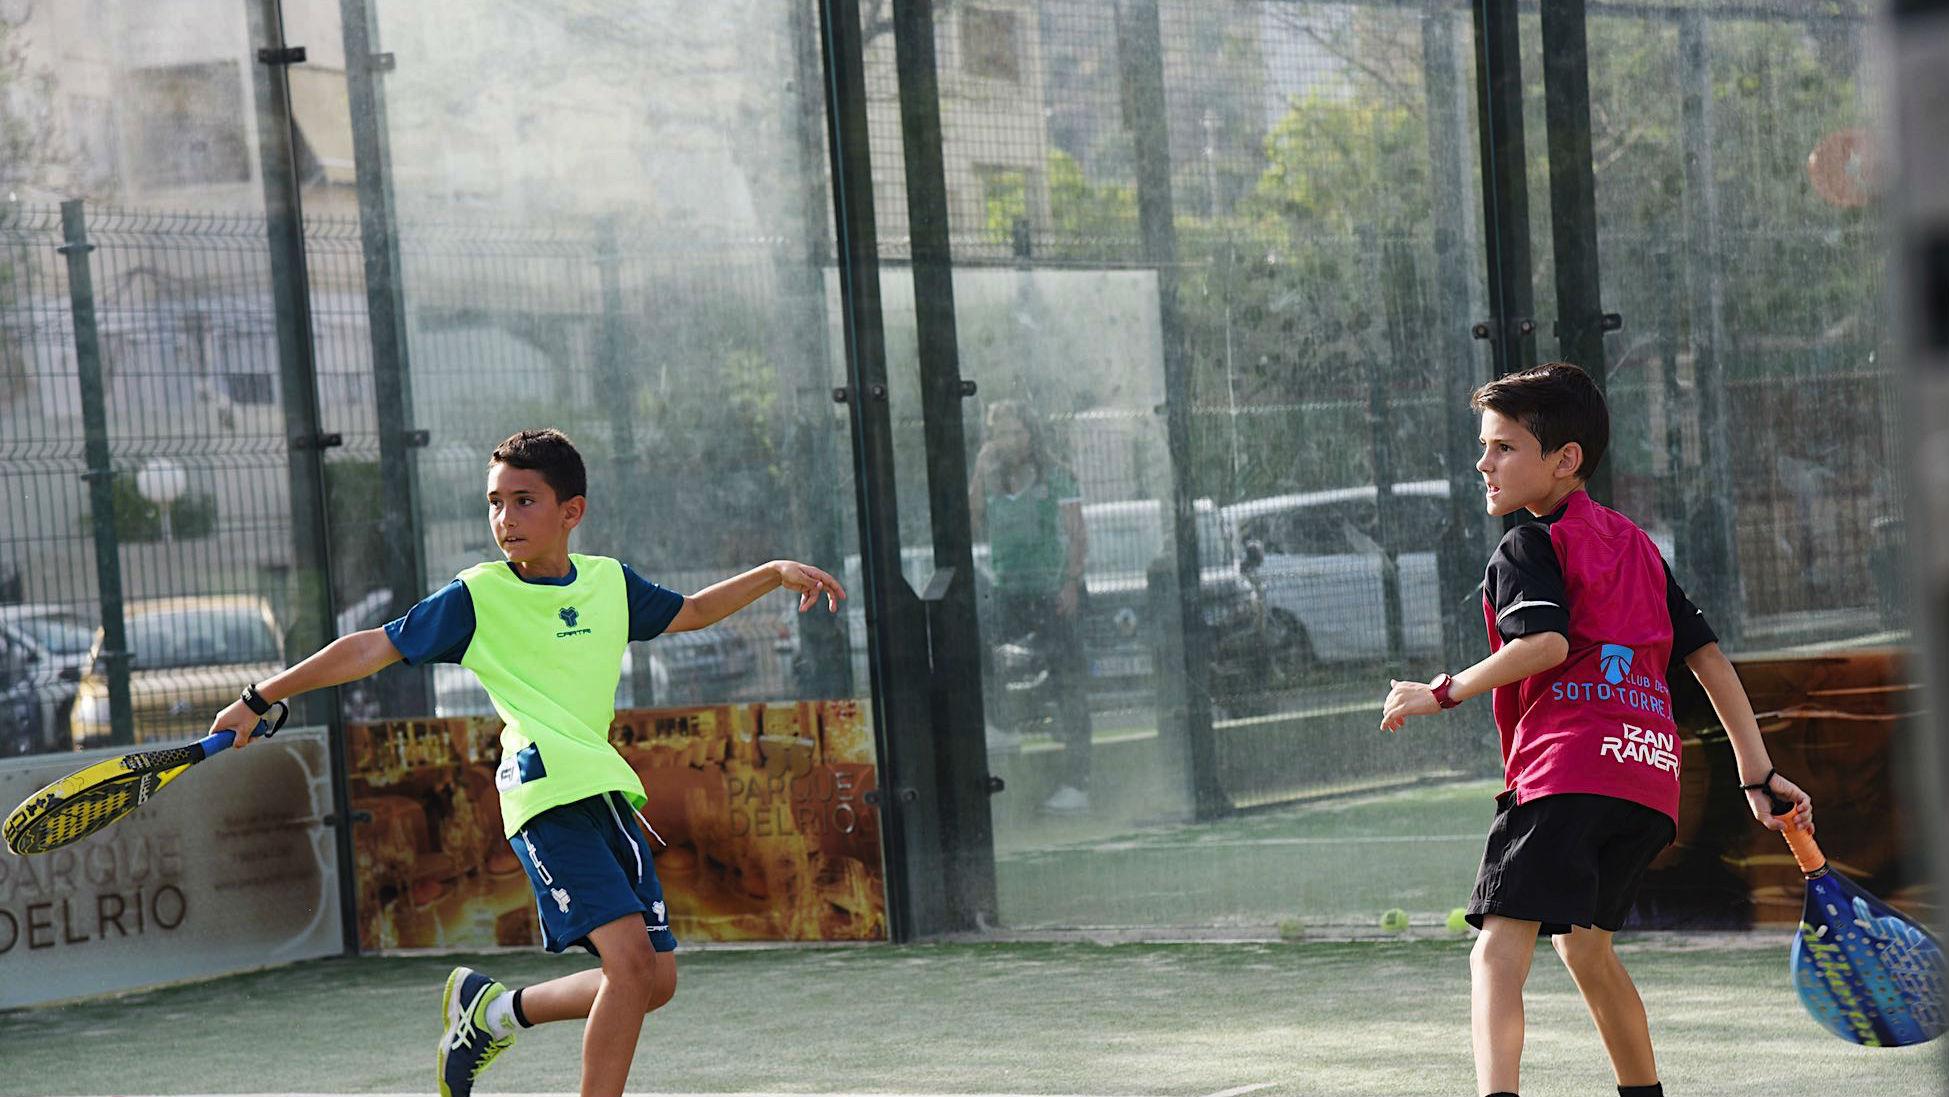 Circuito nacional de menores Pádel TYC Premium 3. Málaga, 22-24 de junio 201